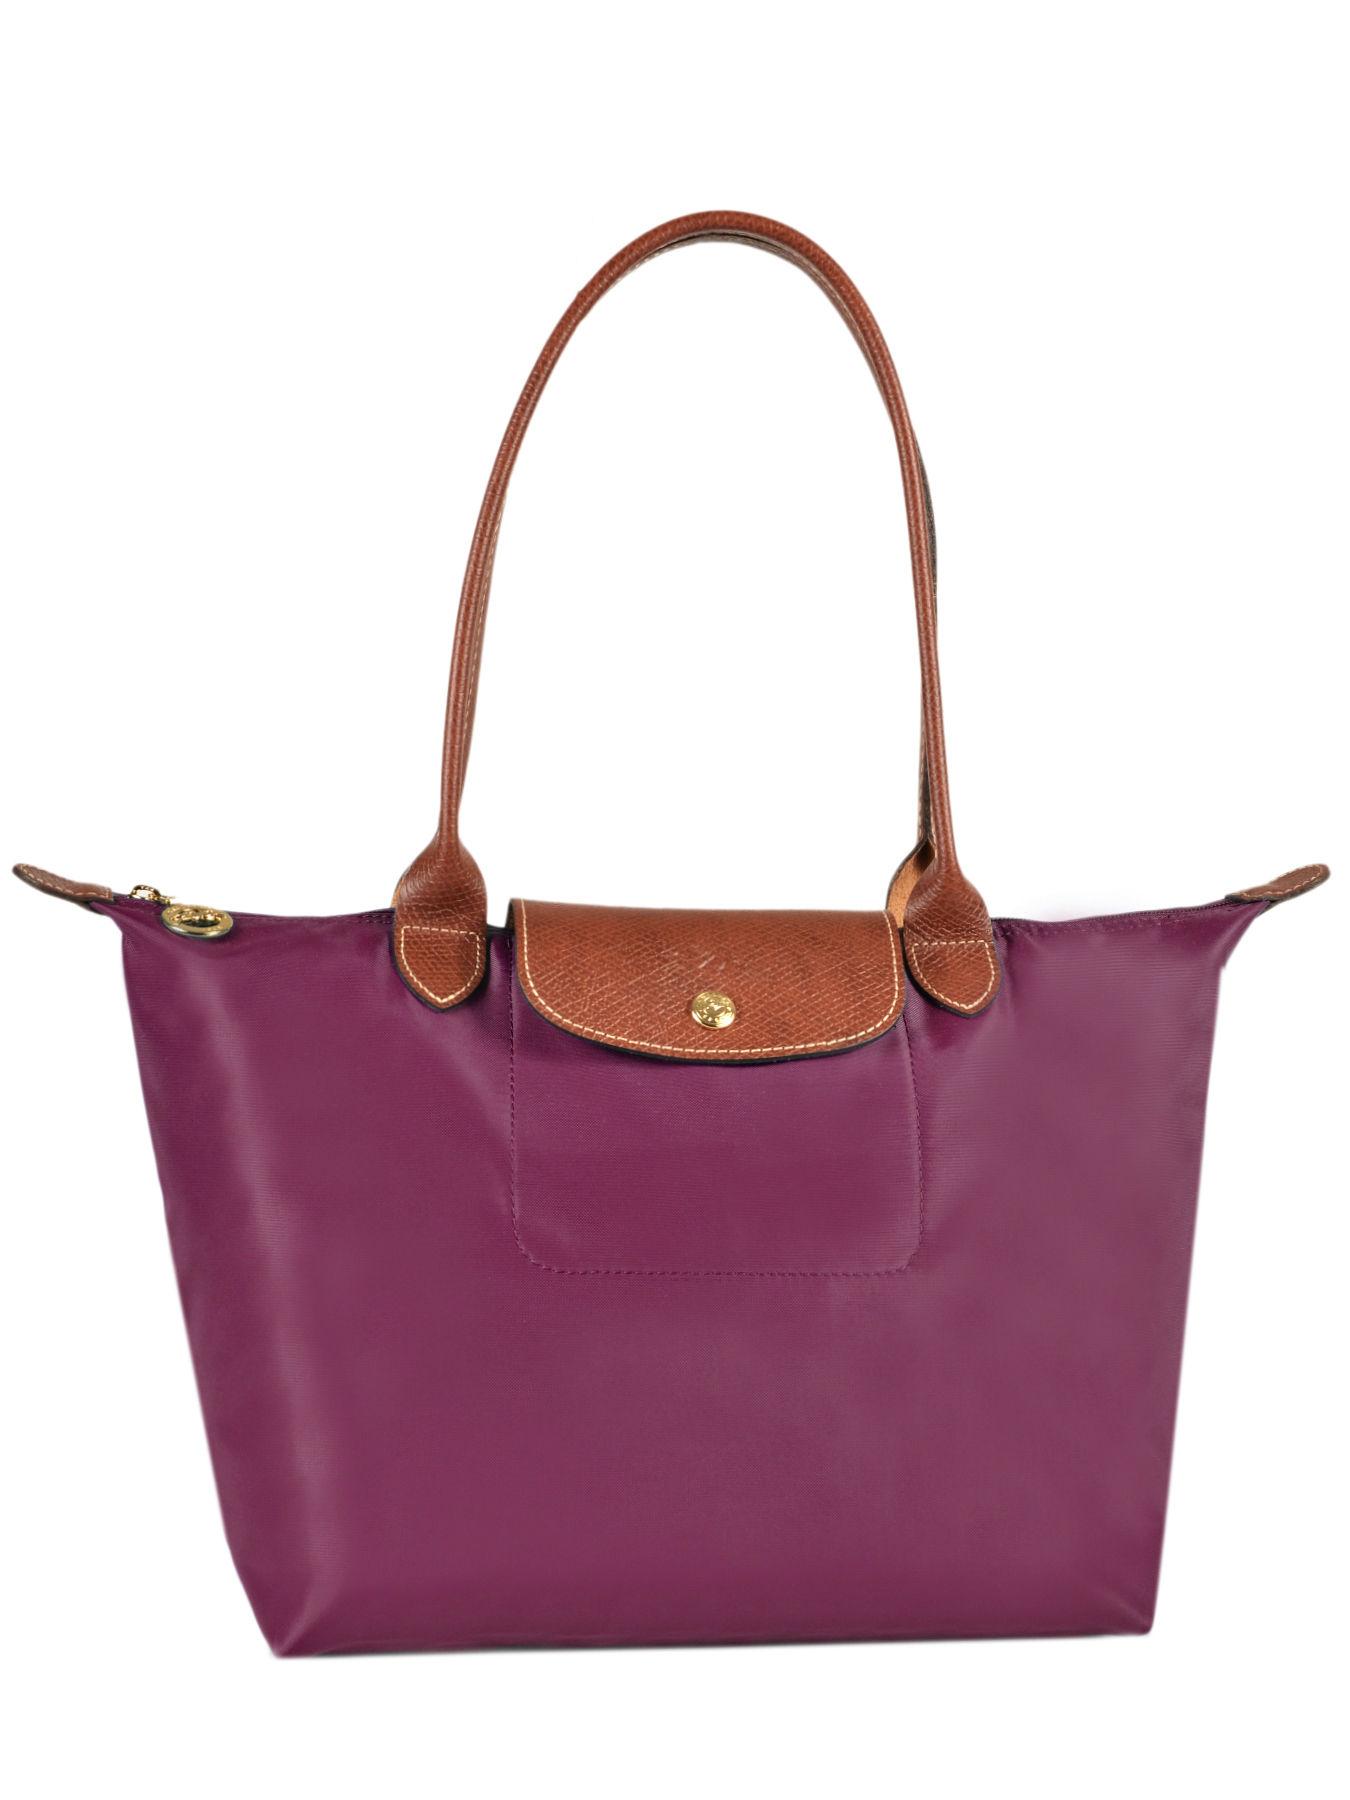 07c2ed592 Longchamp Handbags Price List | Stanford Center for Opportunity ...